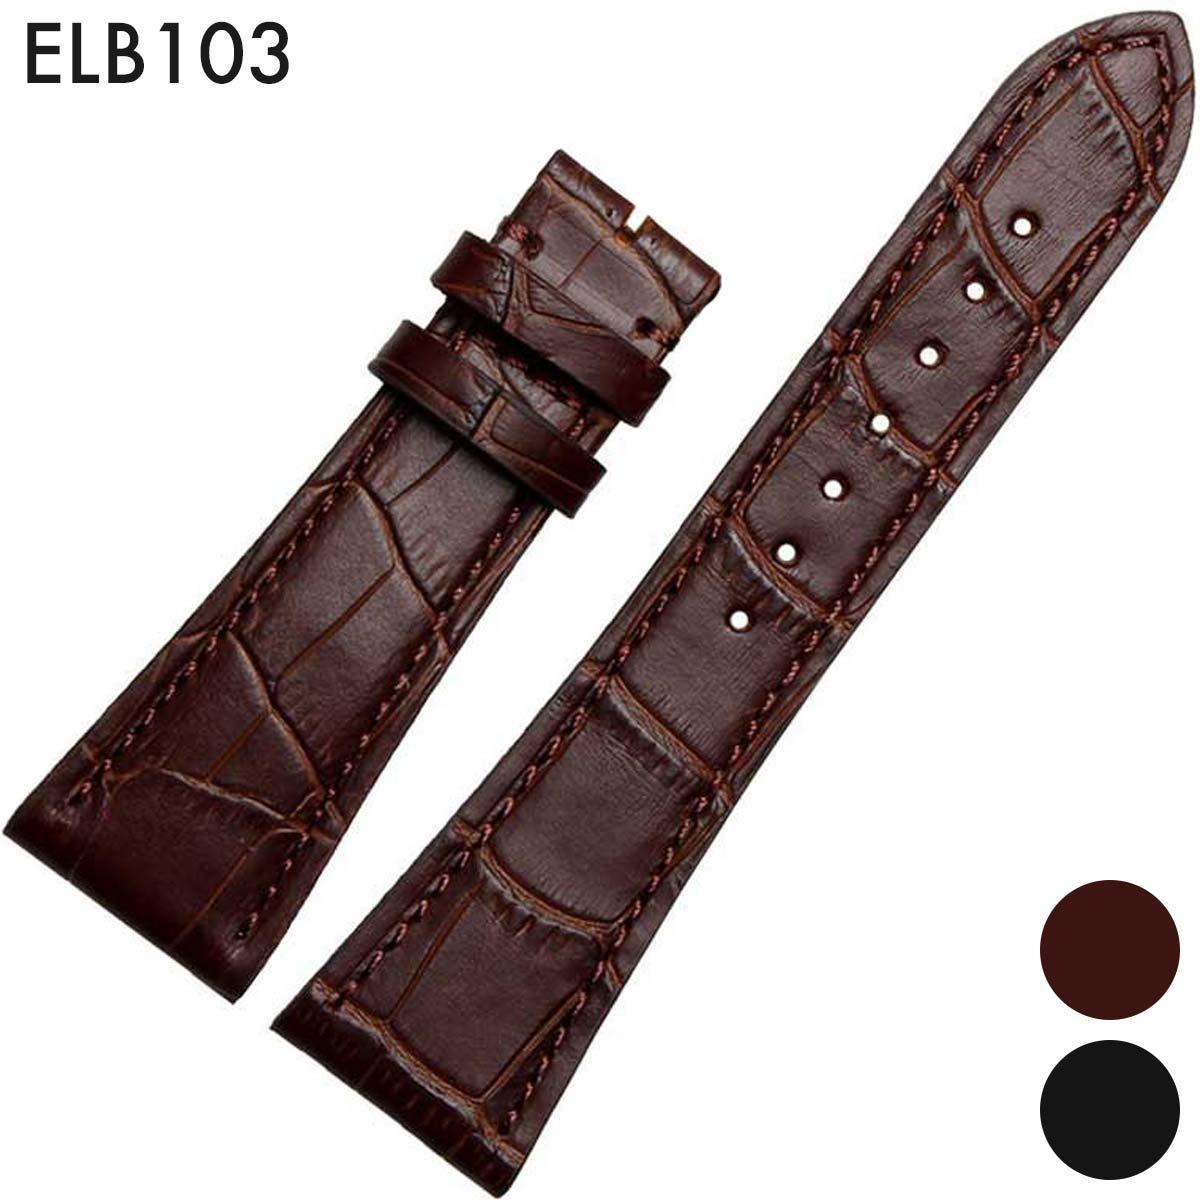 腕時計用アクセサリー, 腕時計用ベルト・バンド  25mm : Patek Philippe W409872 () Eight - ELB103